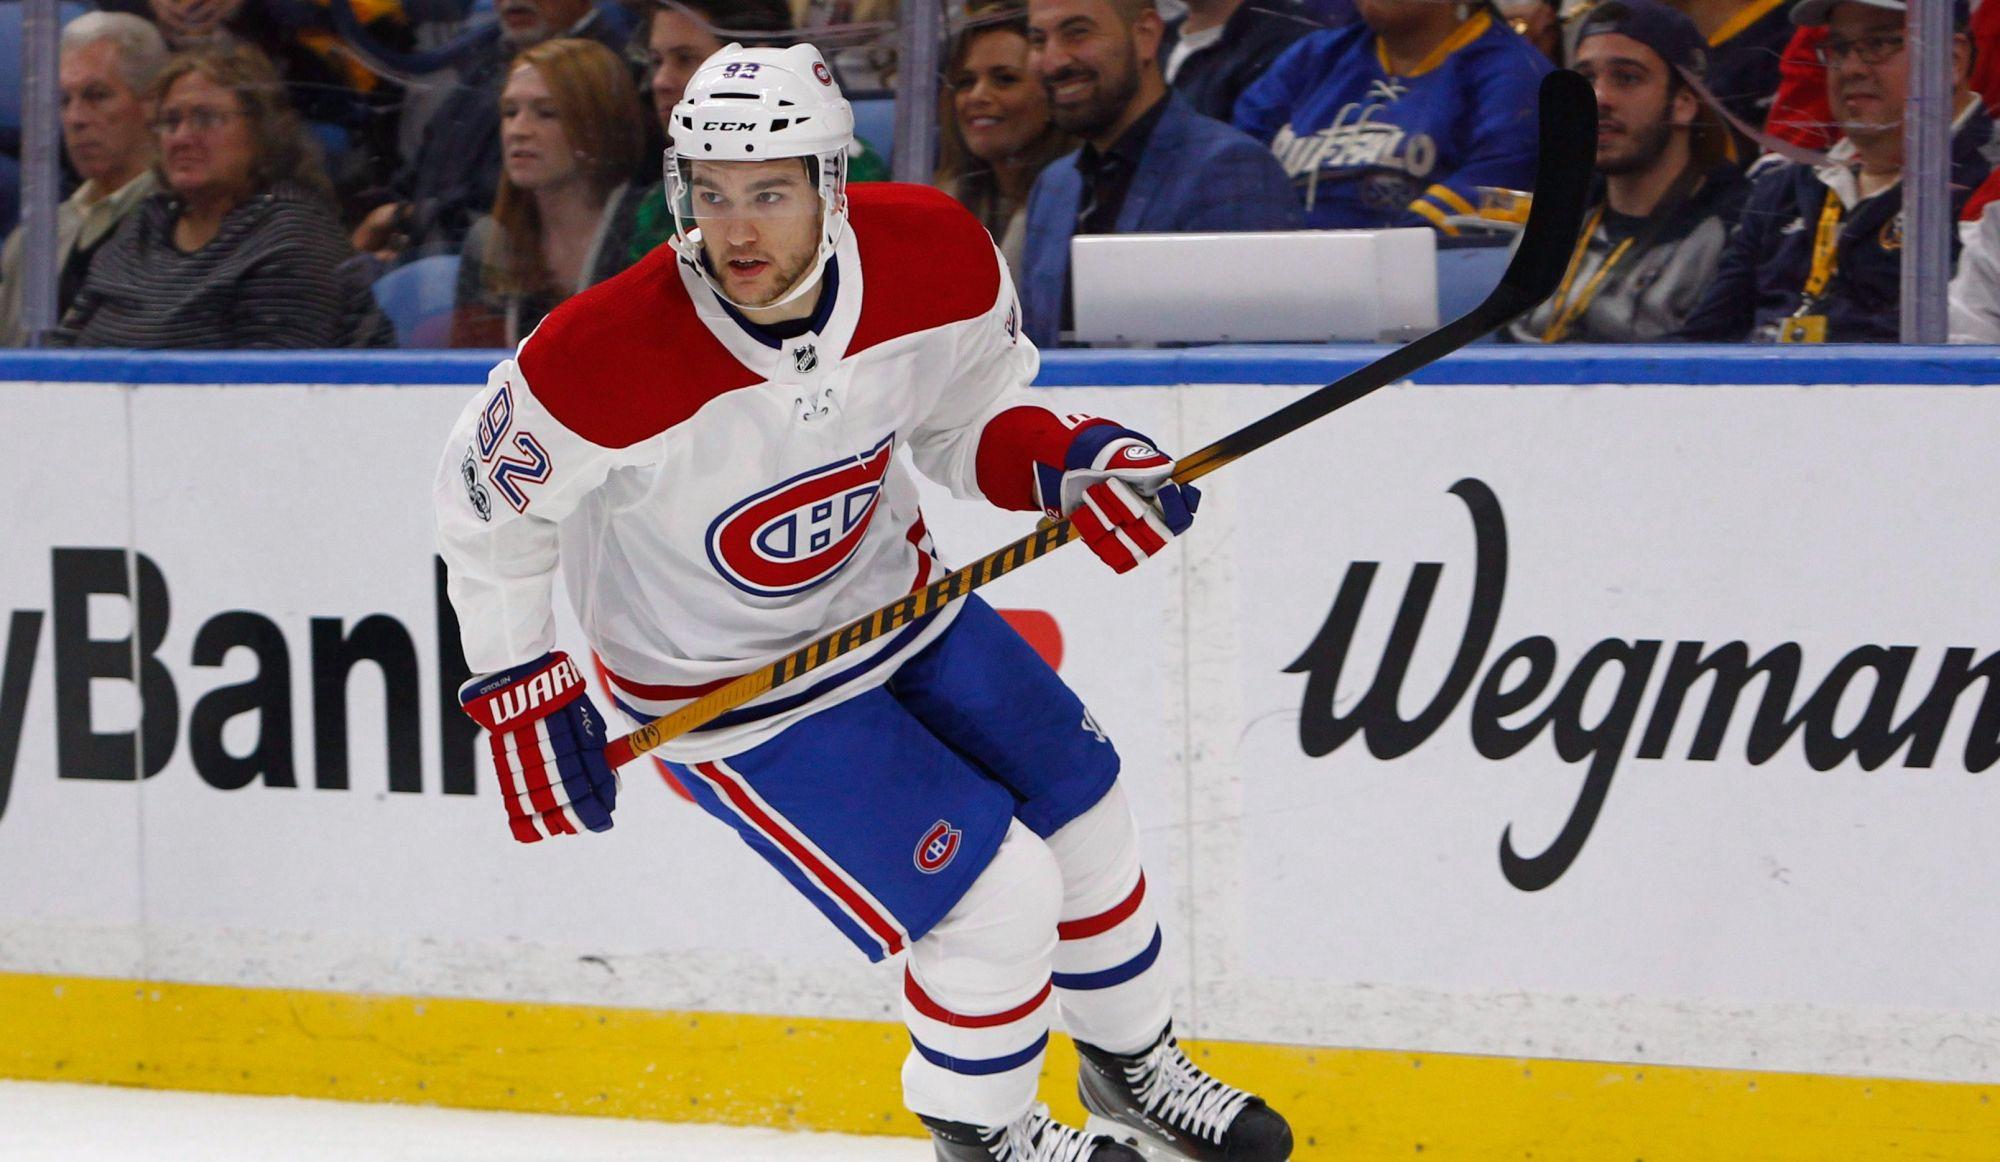 Entraînement des Canadiens : Jonathan Drouin et Jeff Petry absents